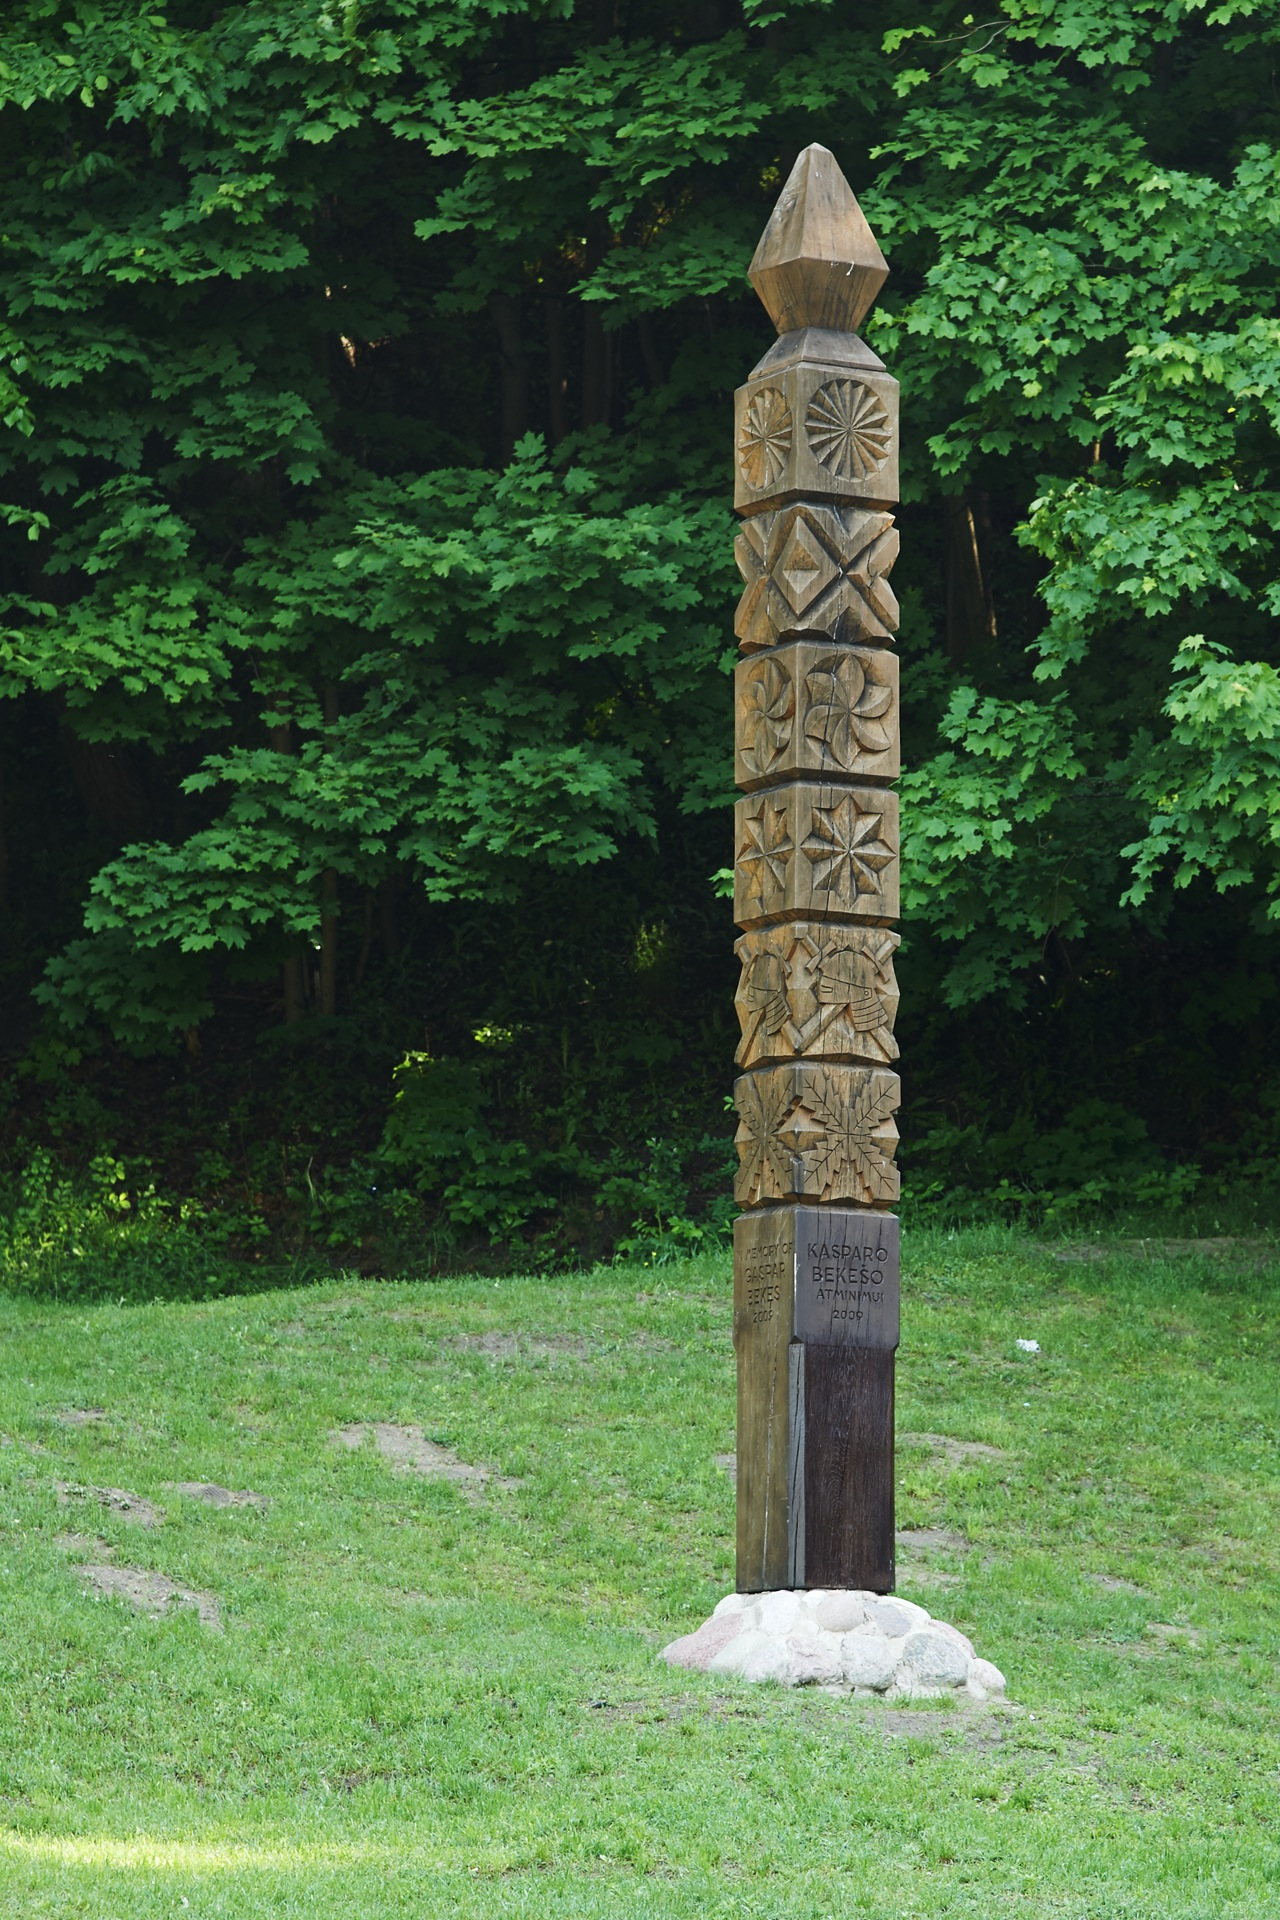 Bild: Säule zum Gedenken an Gáspár Bekes am Flüsschen Vilnelė in Vilnius mit D700 und AF-S NIKKOR 24-120 mm 1:4G ED VR.